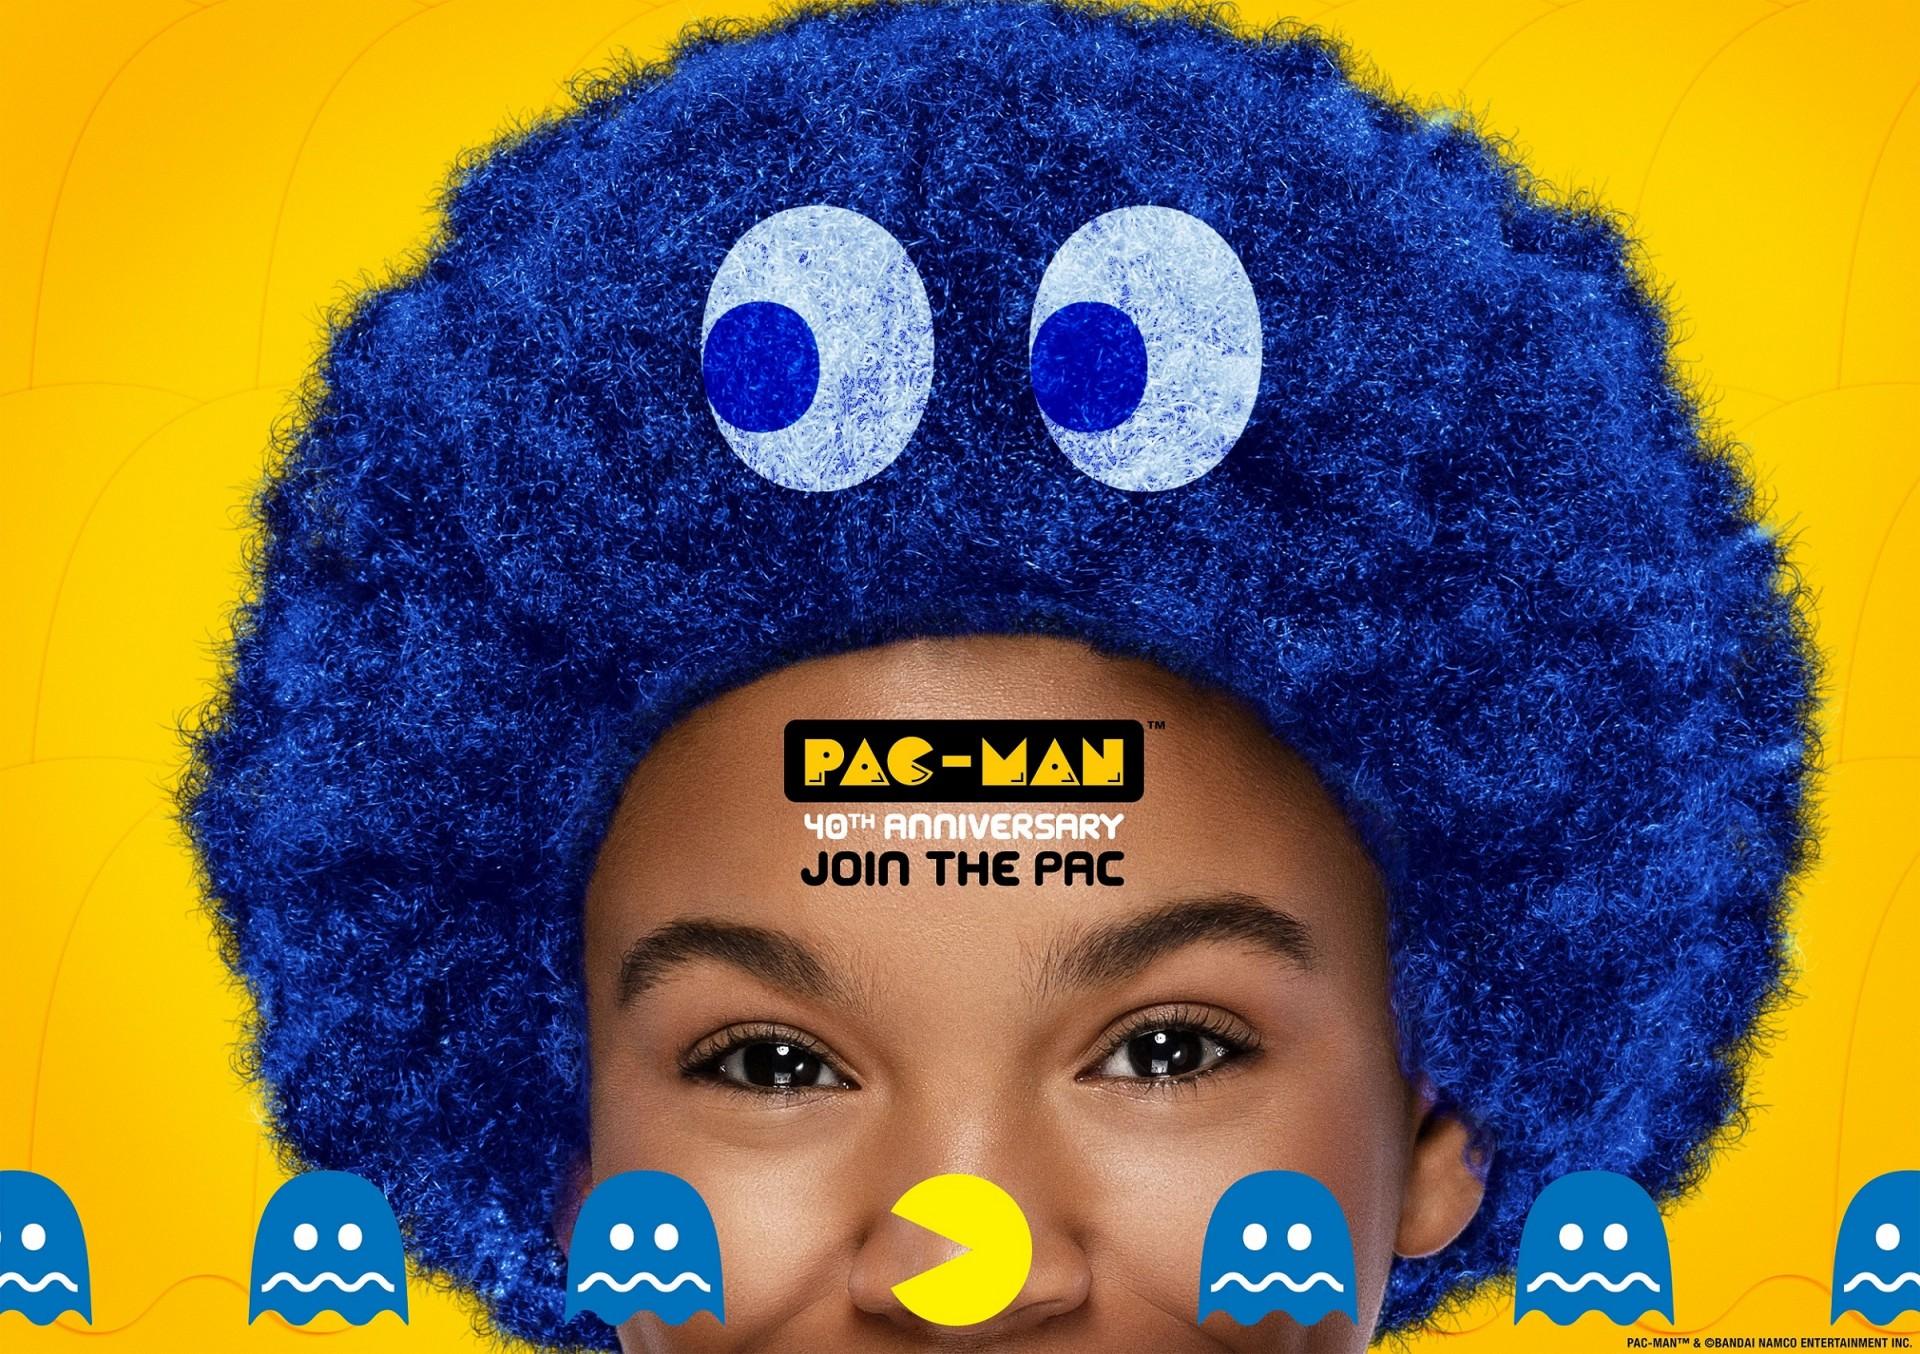 Pac-Man исполнилось 40 лет